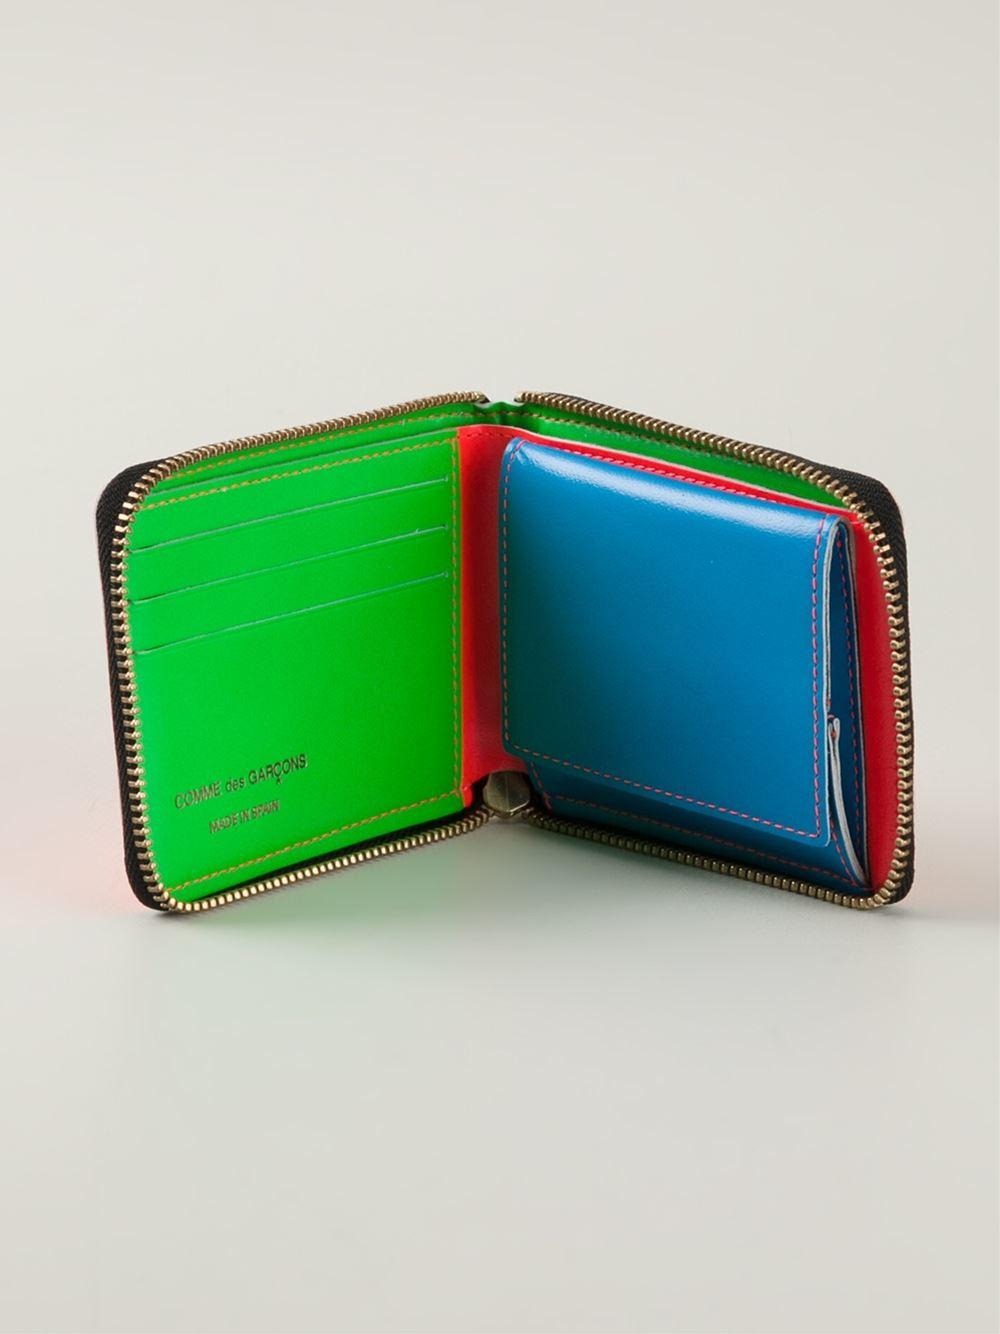 Comme Des Garcons Luxury Wallet | Comme De Garcons Wallet | Comme Des Garcons Store Los Angeles